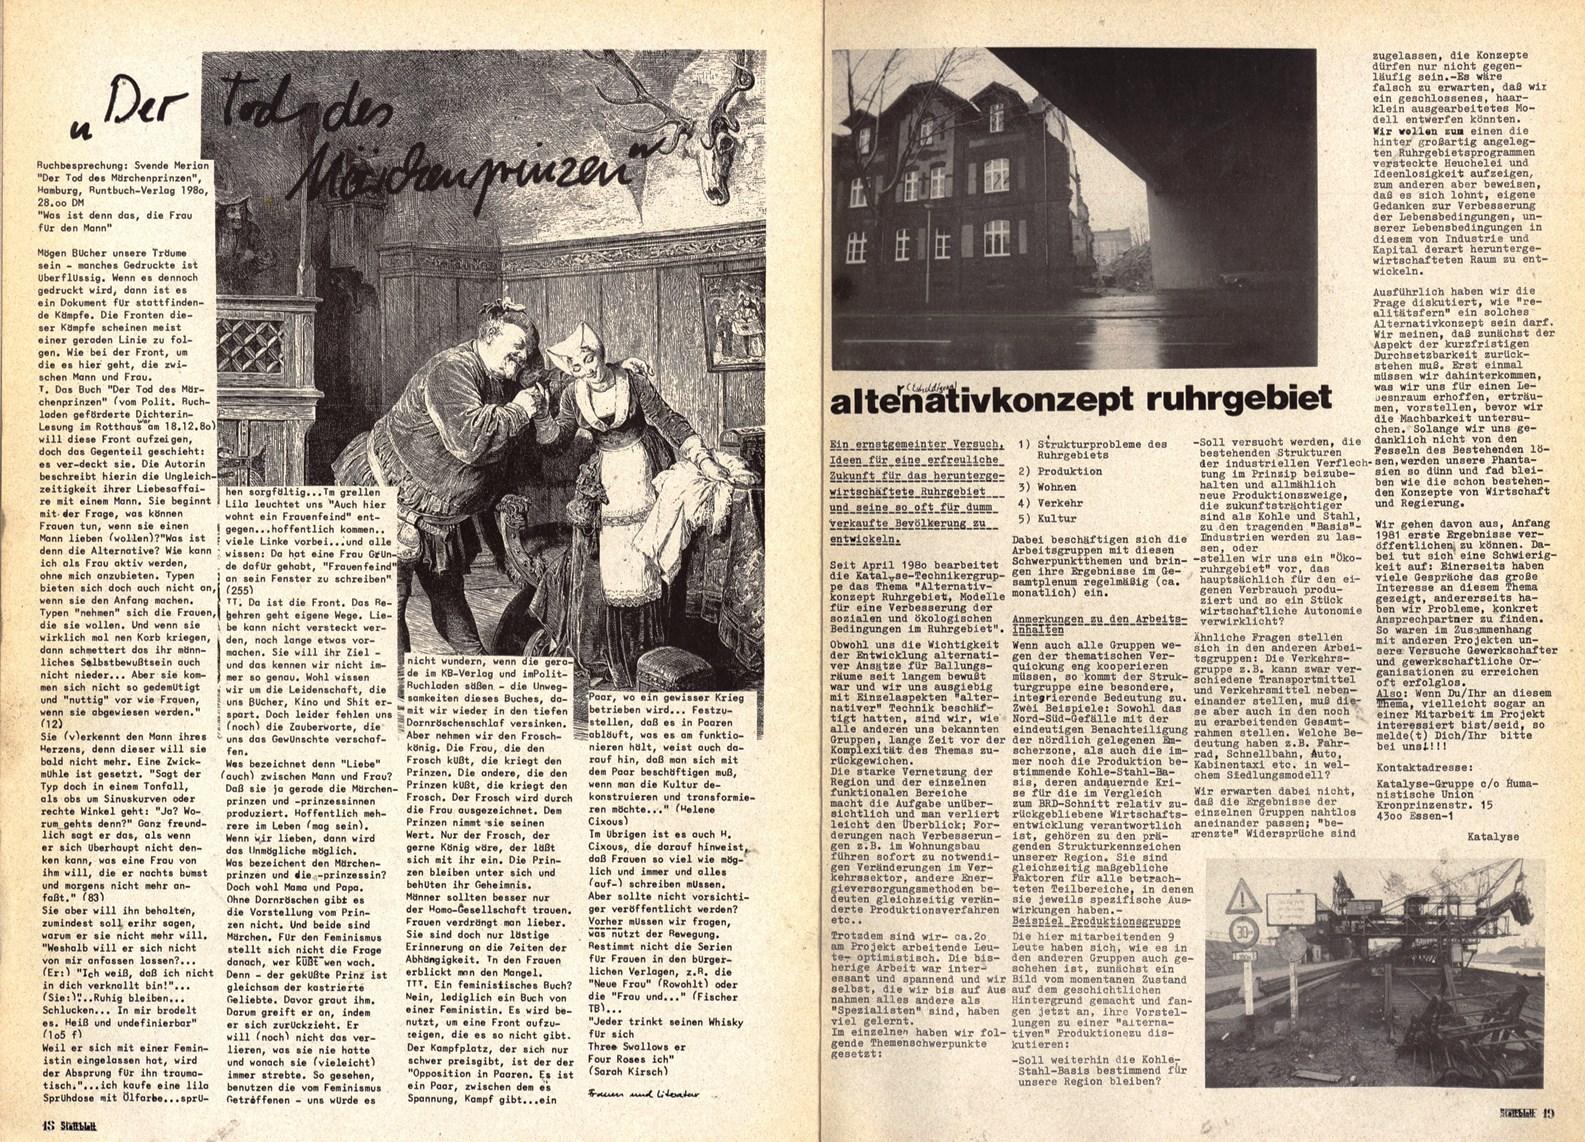 Bochum_Stattblatt_19810100_44_10